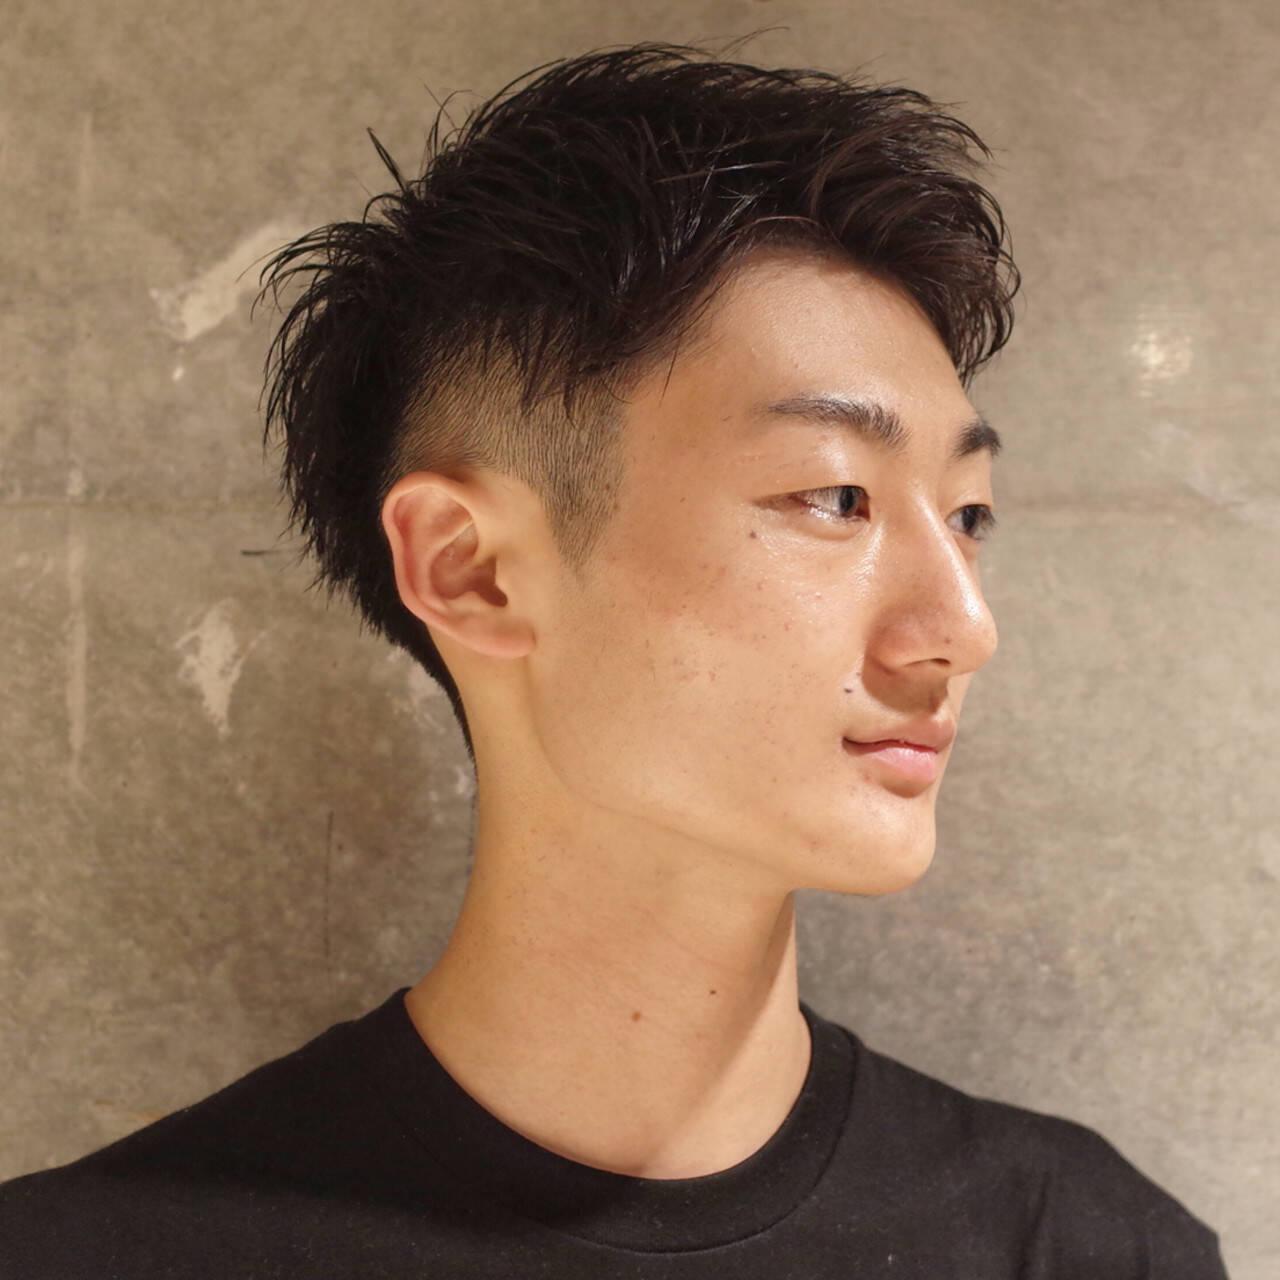 刈り上げ ツーブロック メンズ ショートヘアスタイルや髪型の写真・画像